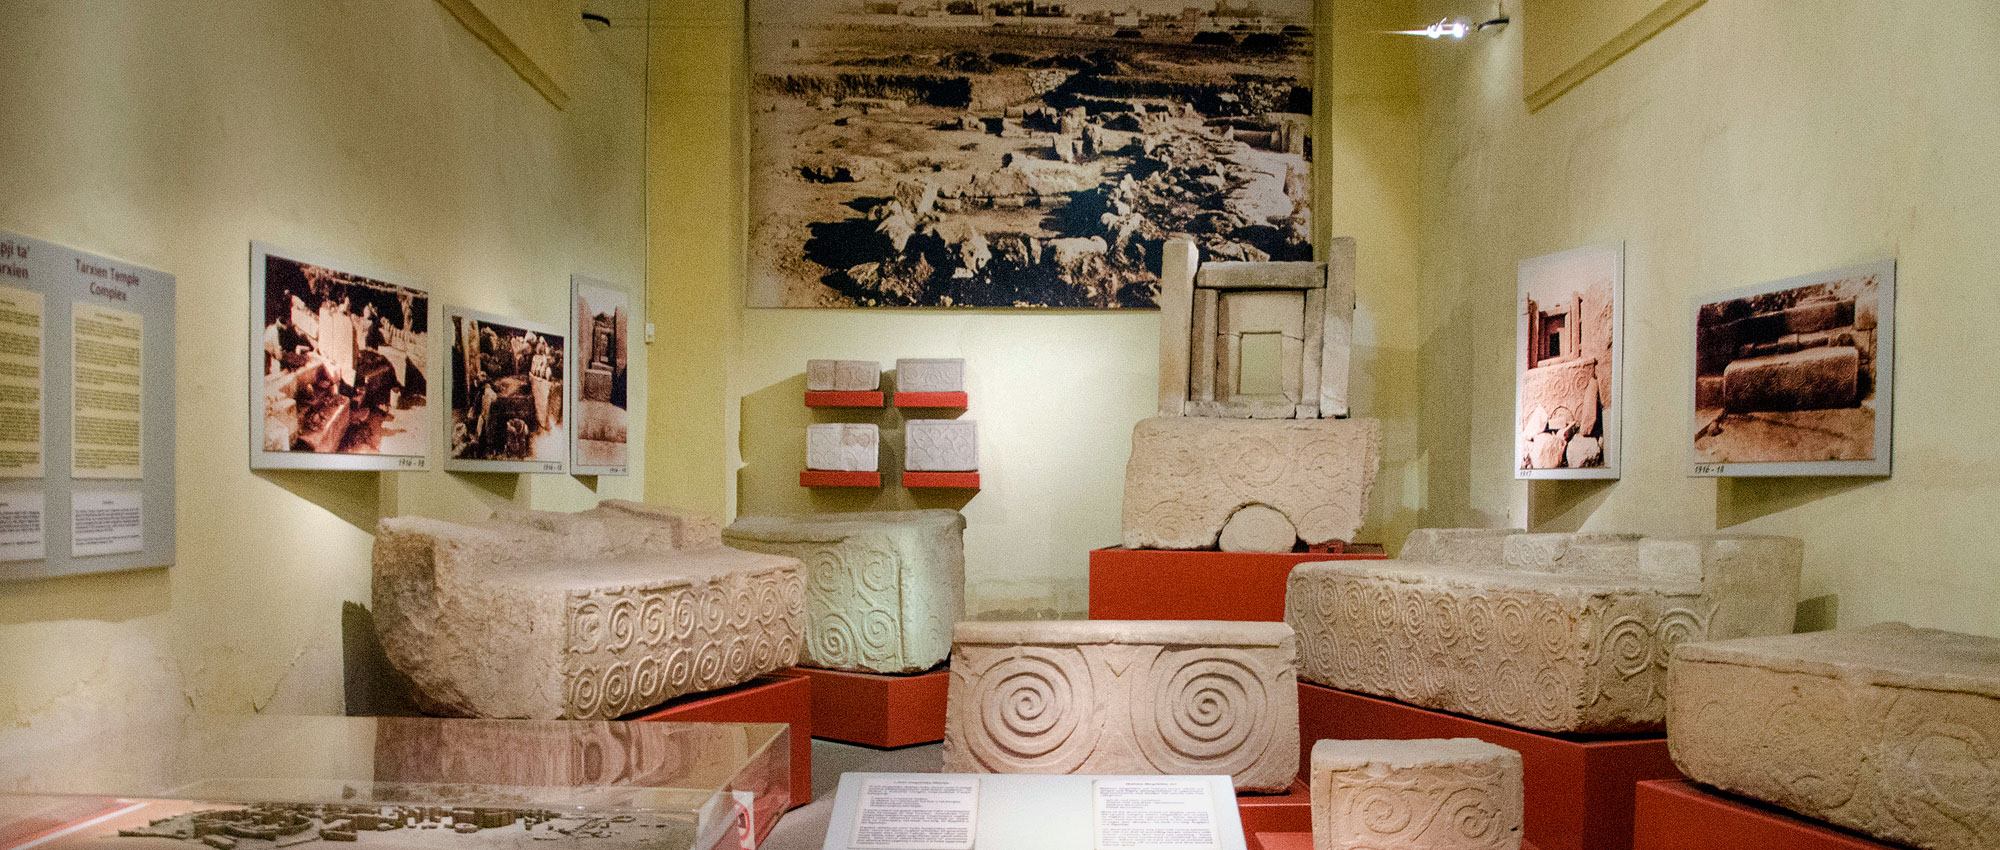 Museo Nacional de Arqueología, Valletta